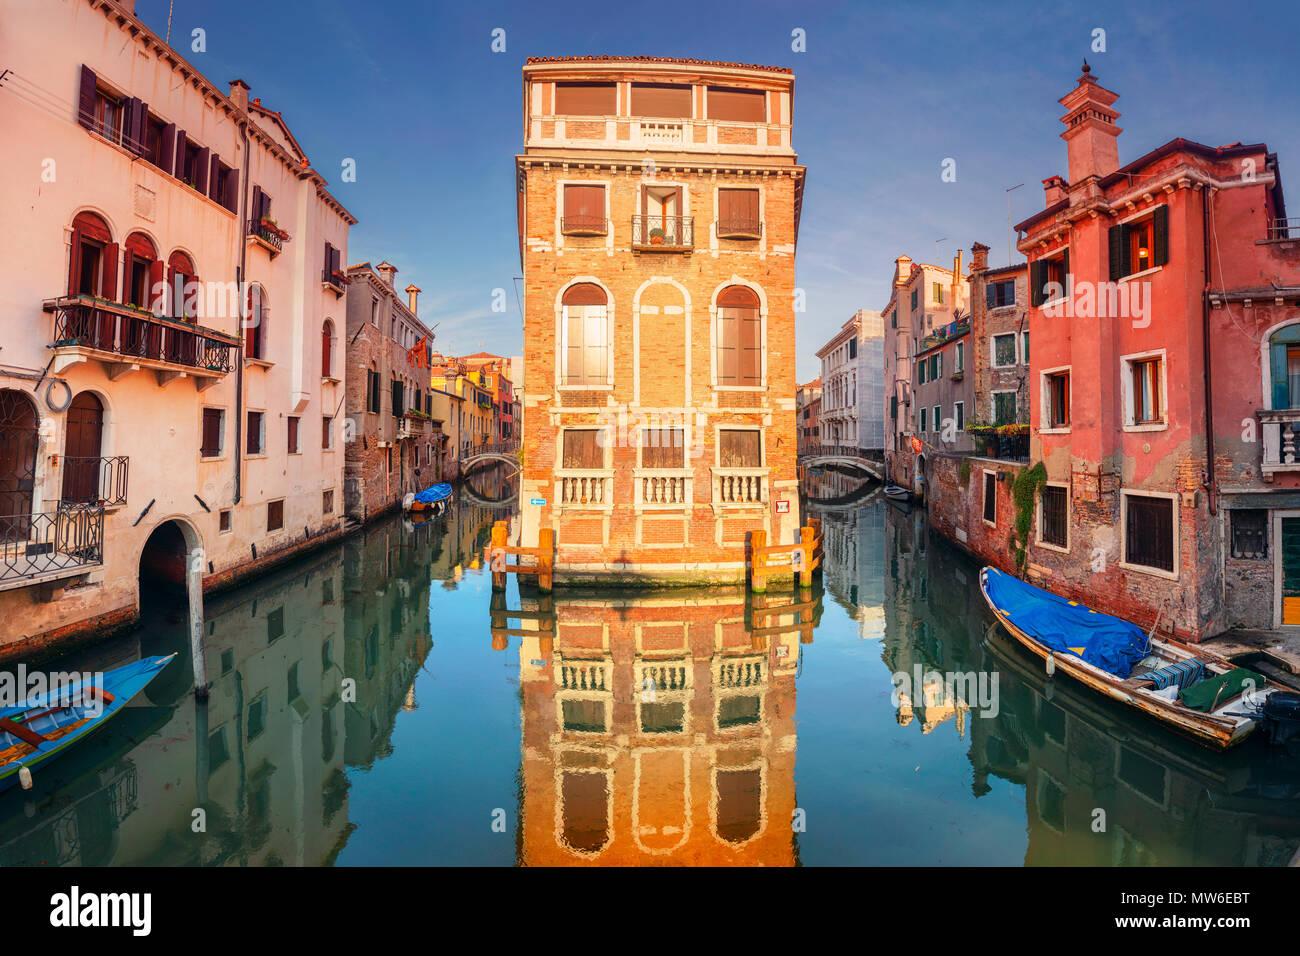 Venise. Cityscape image d'étroits canaux à Venise au coucher du soleil. Photo Stock